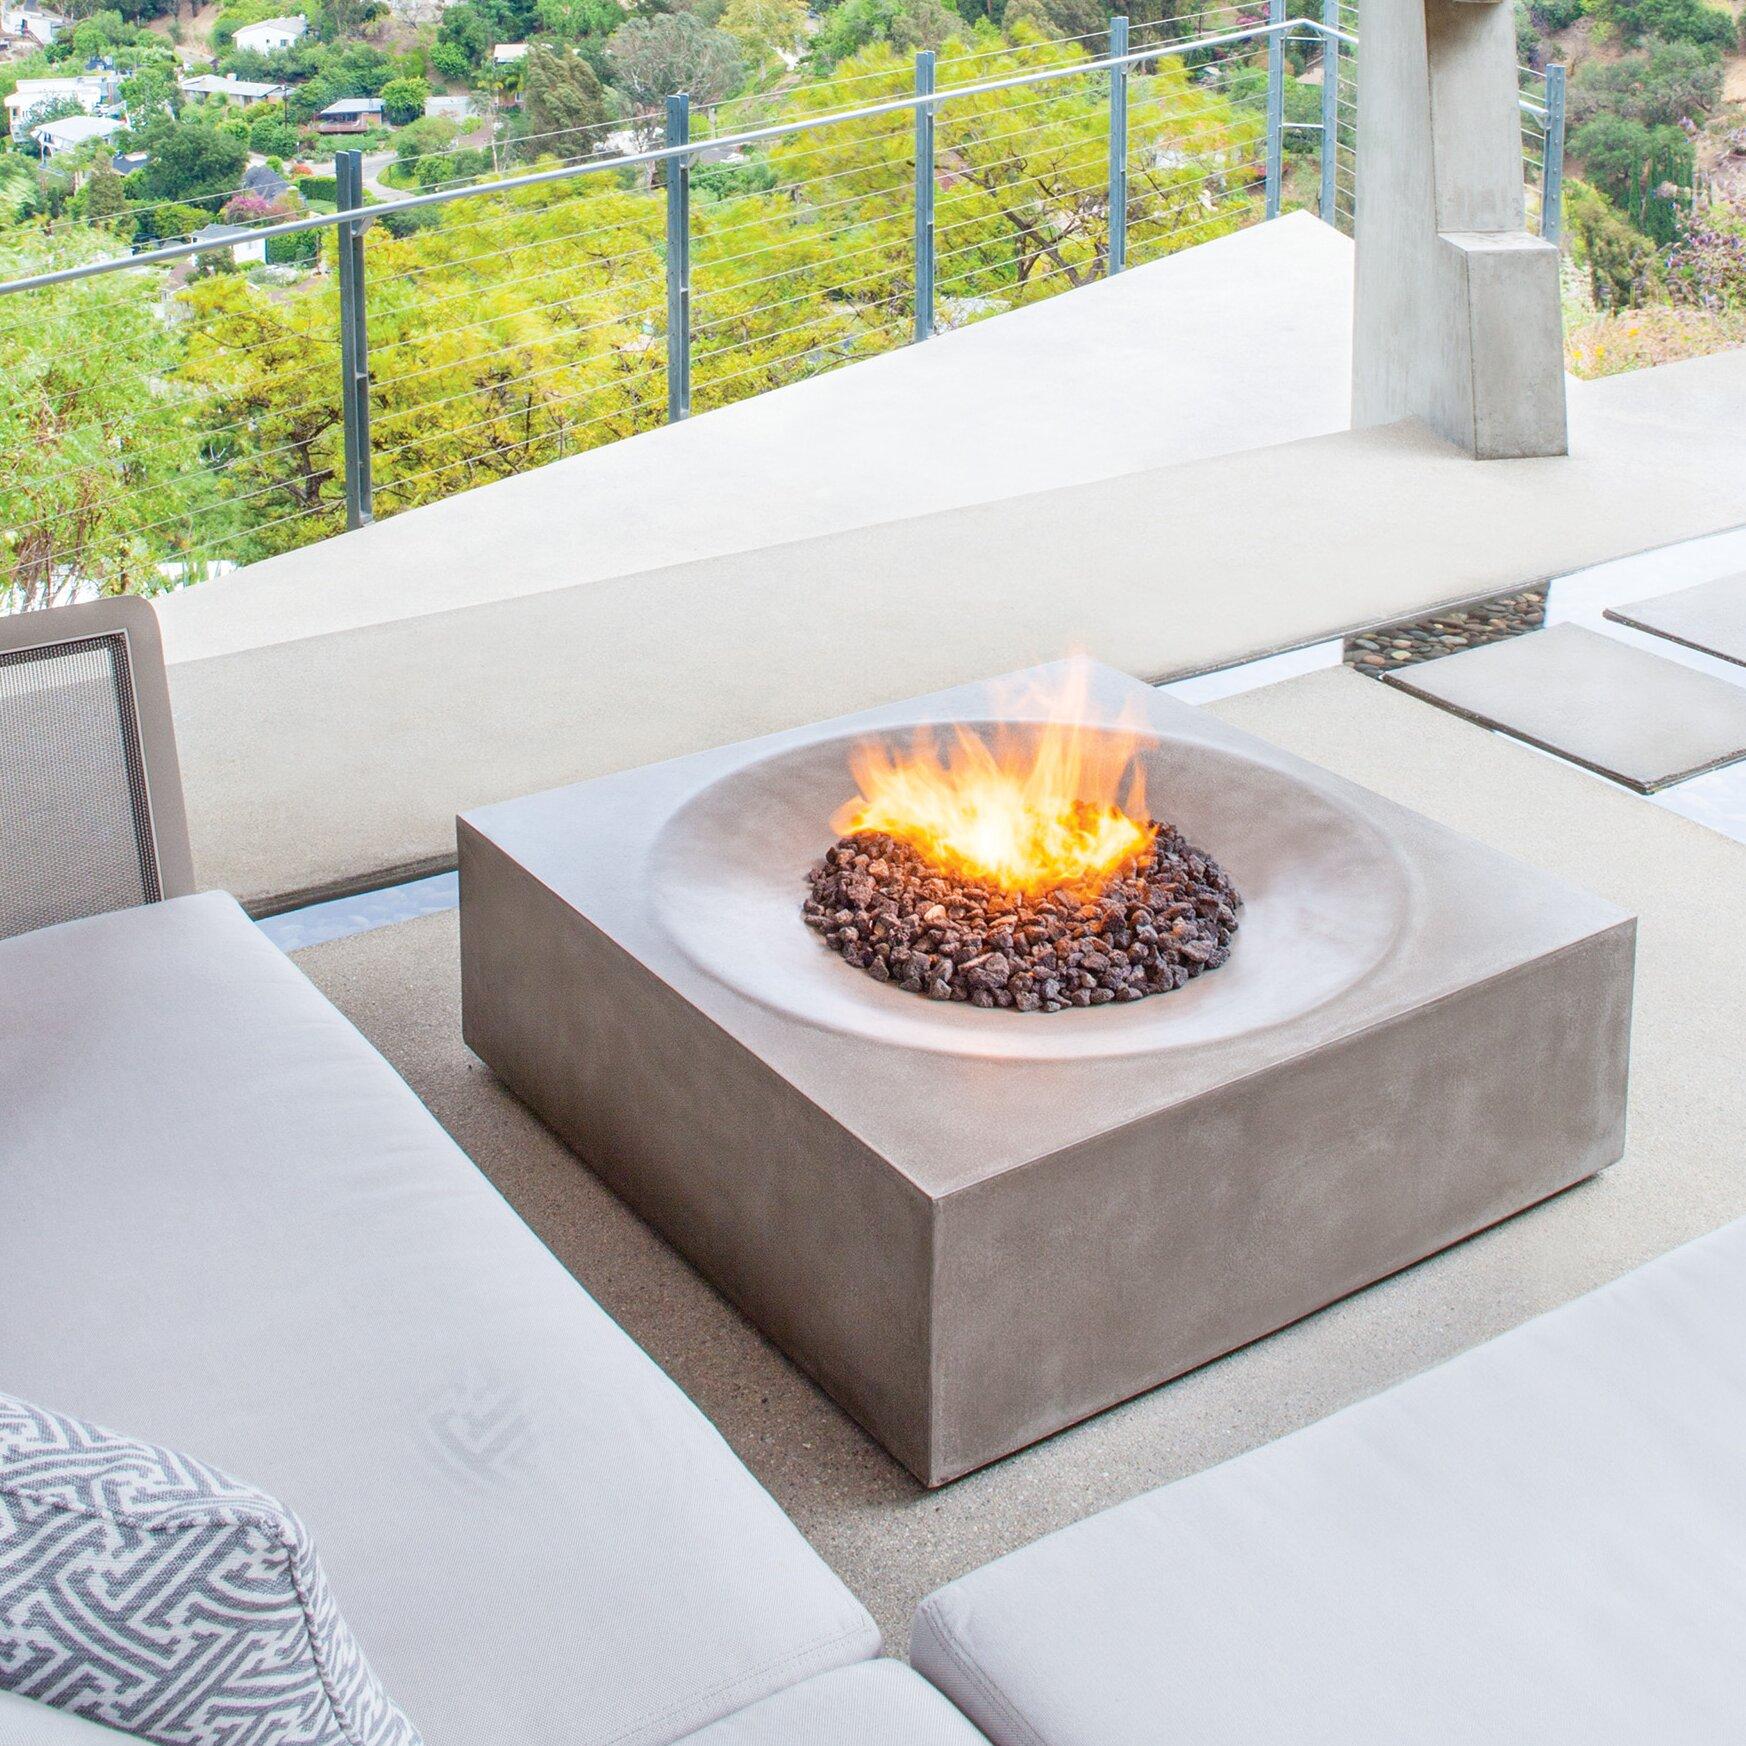 Bjfs Solstice Concrete Natural Gas Propane Fire Pit Table